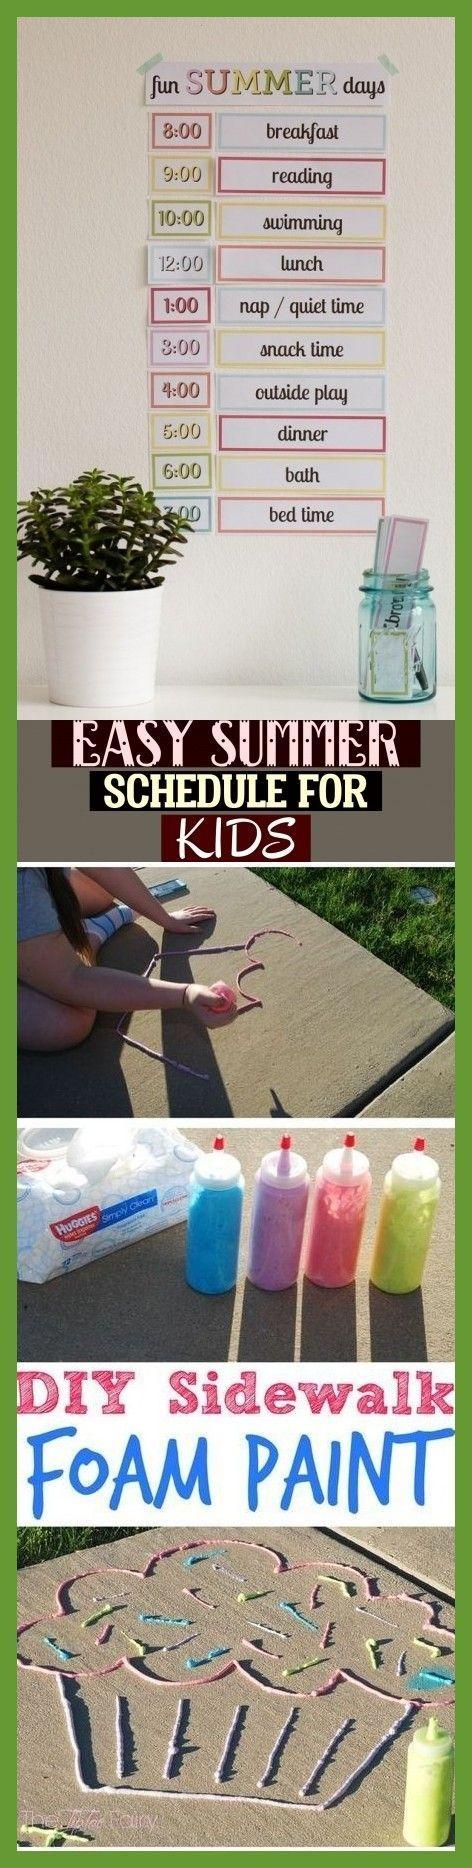 Easy Summer Schedule For Kids Easy Summer Schedule Für Kinder - Papercraft & Animal Plush #summerschedule Easy Summer Schedule For Kids * easy summer schedule für kinder #summerkids #summerschedule